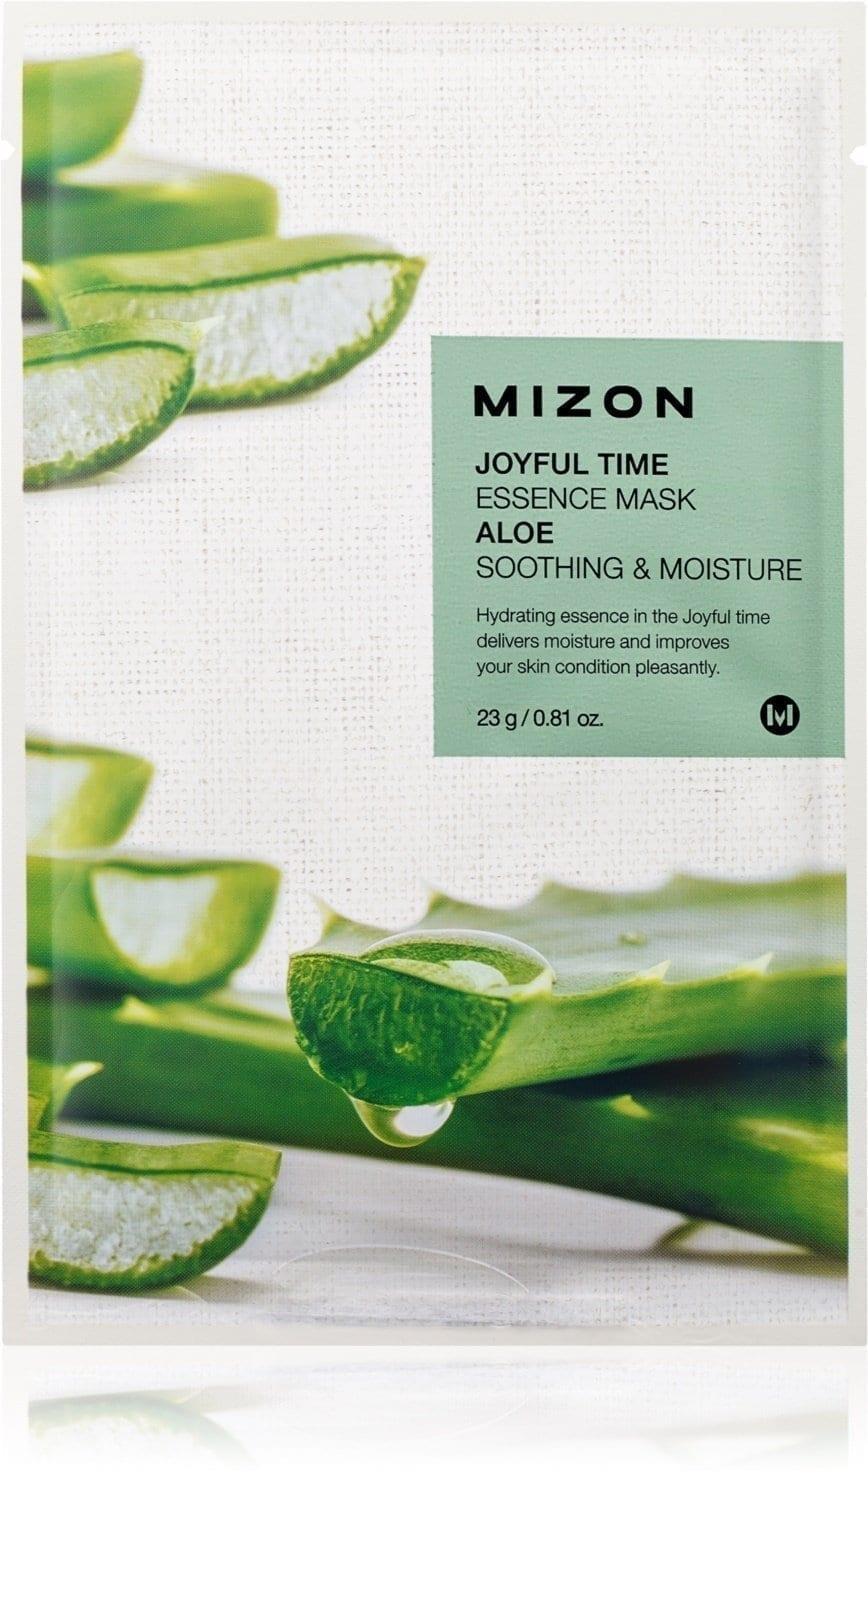 Маска успокаивающая с экстрактом алоэ Mizon Joyful Time Essence Mask Aloe Soothing & Moisture 23ml 2 - Фото 2